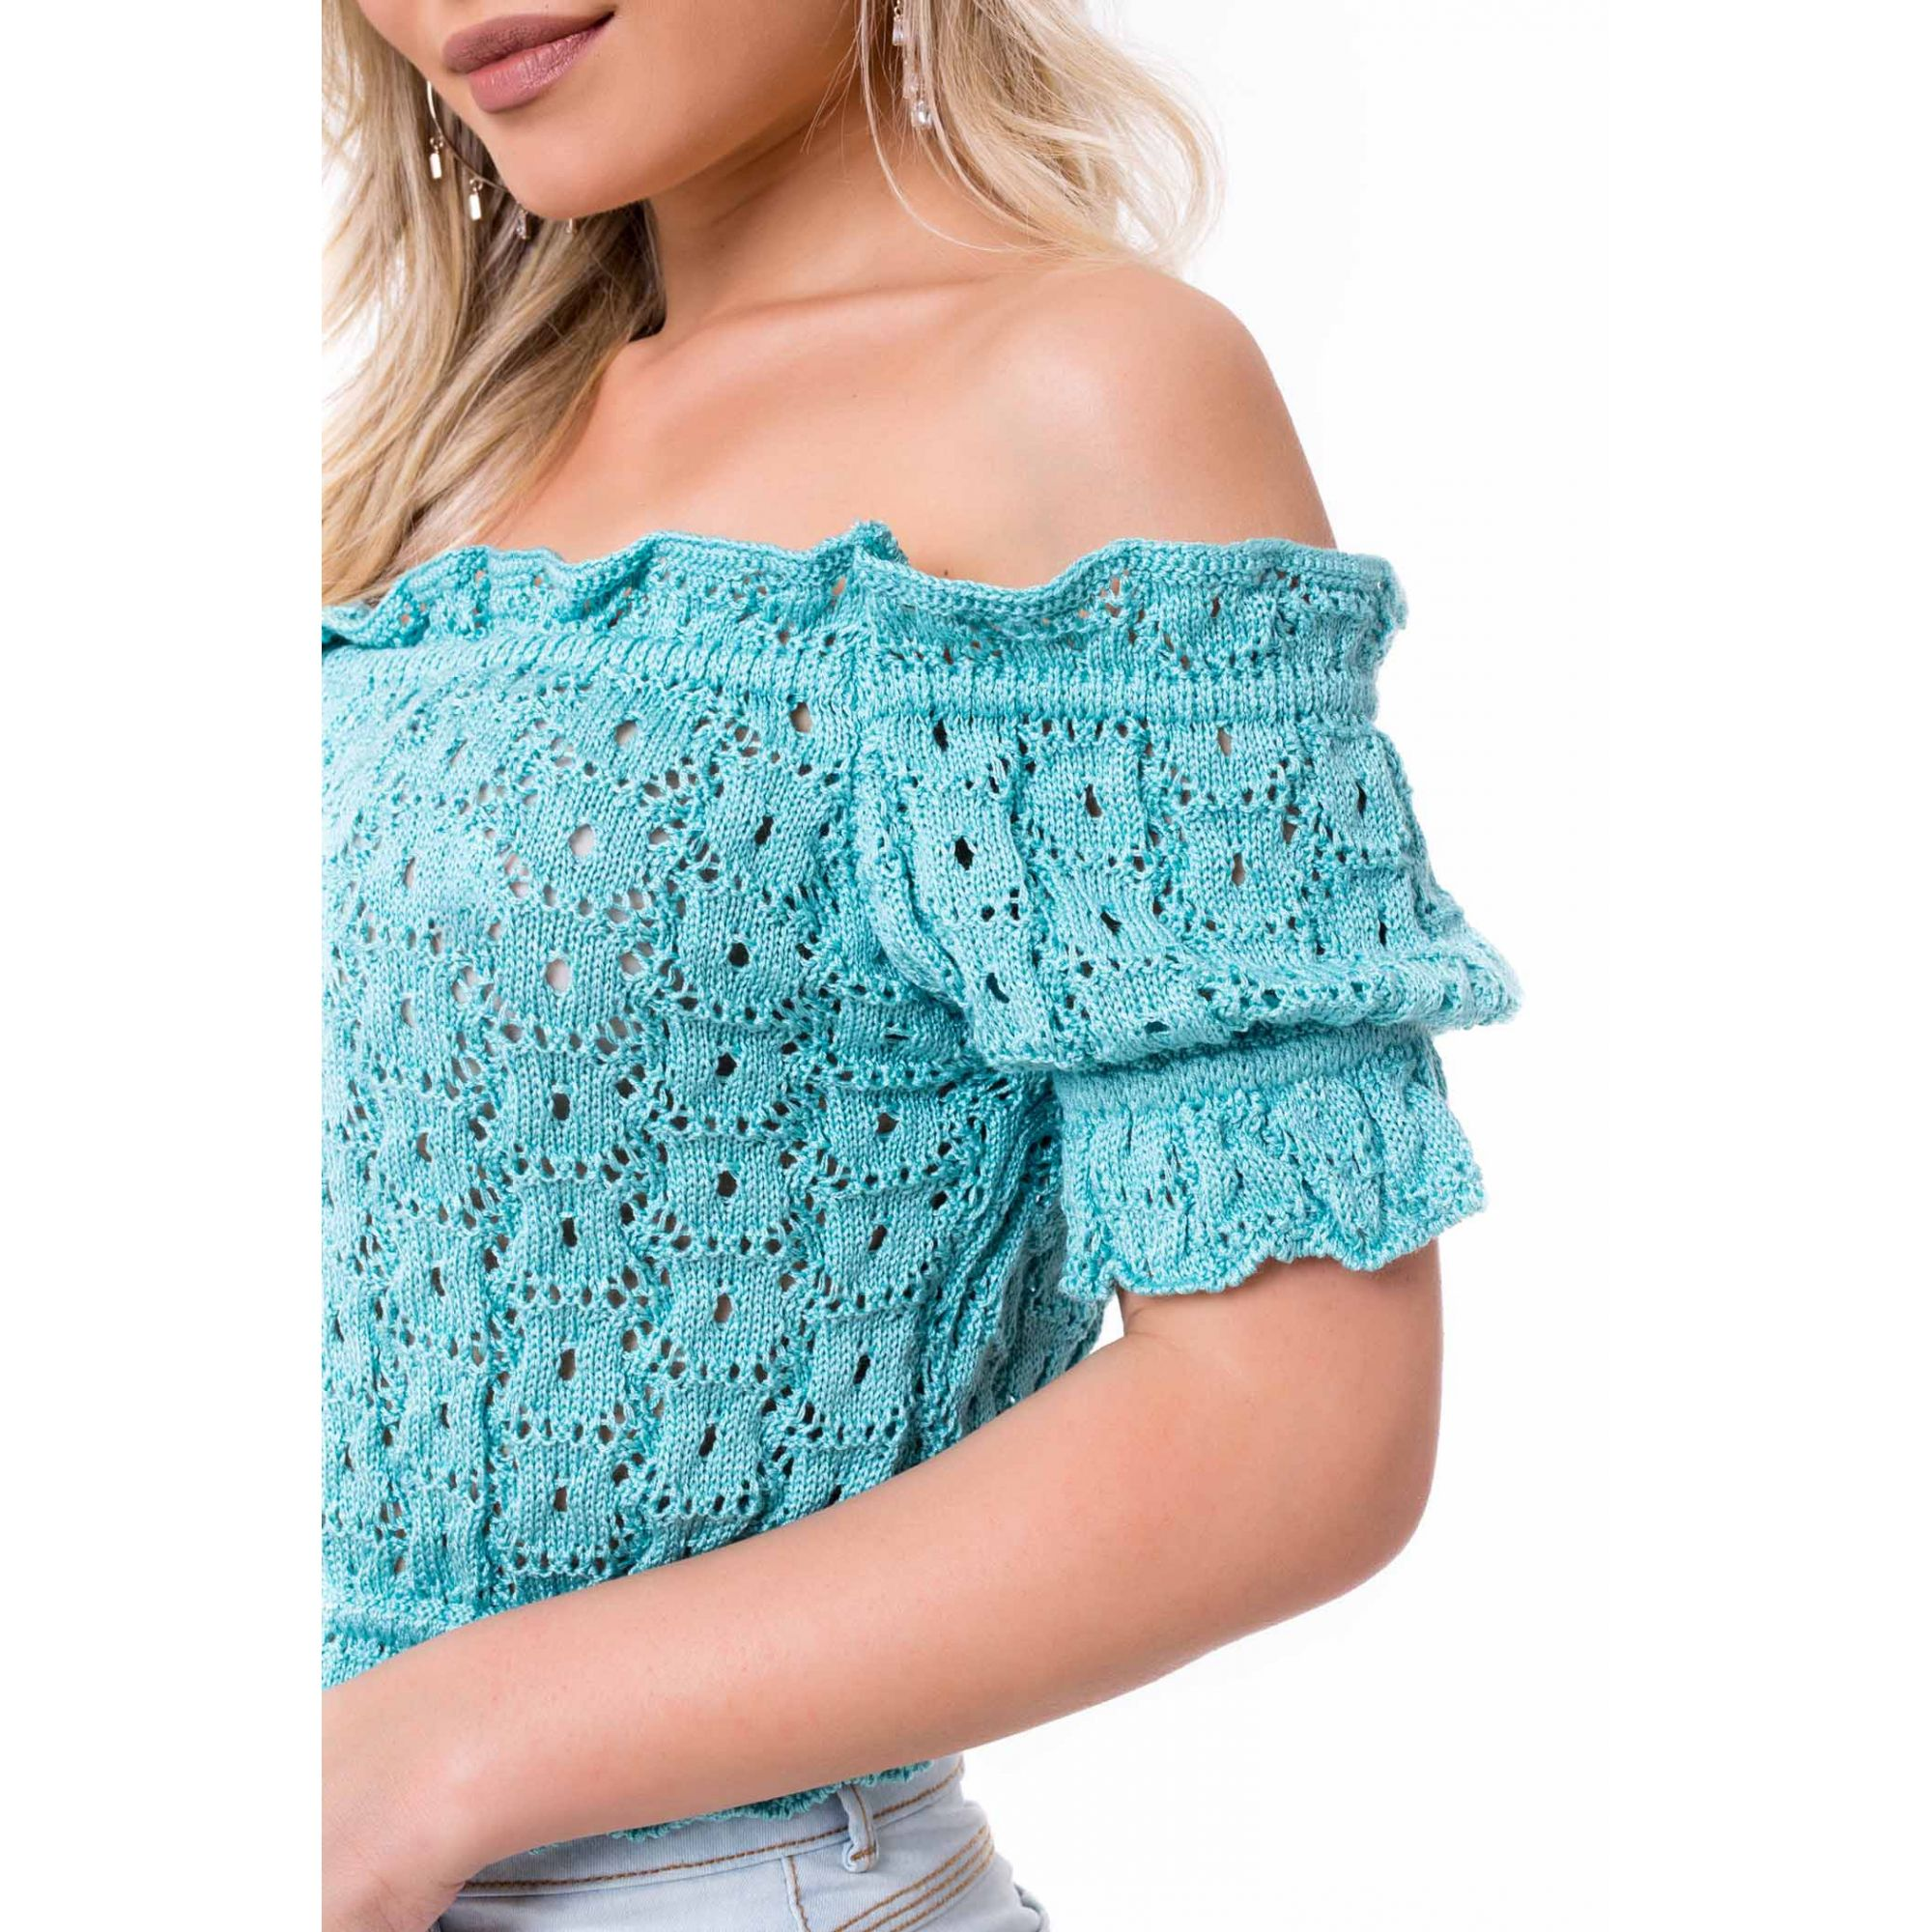 Blusa Cropped Vera Tricot Ombro a Ombro Franzidos Feminino Azul Claro